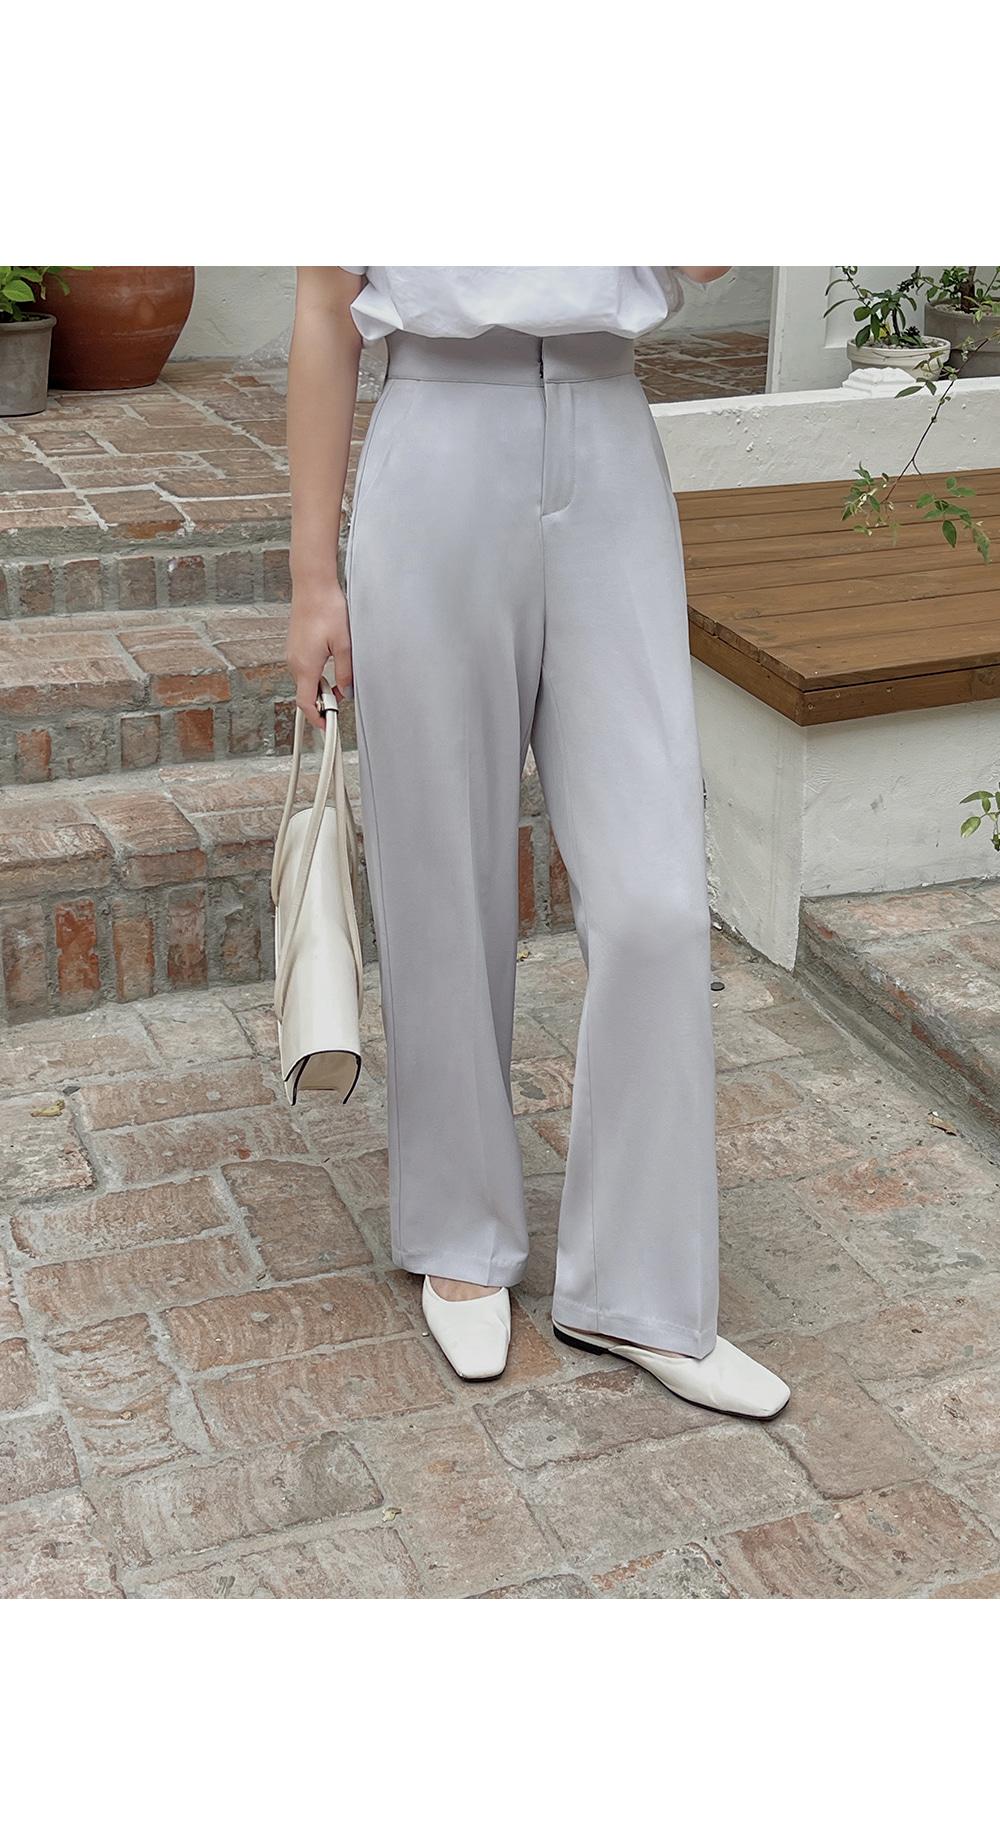 Ella Summer Straight Pants- Holiholic